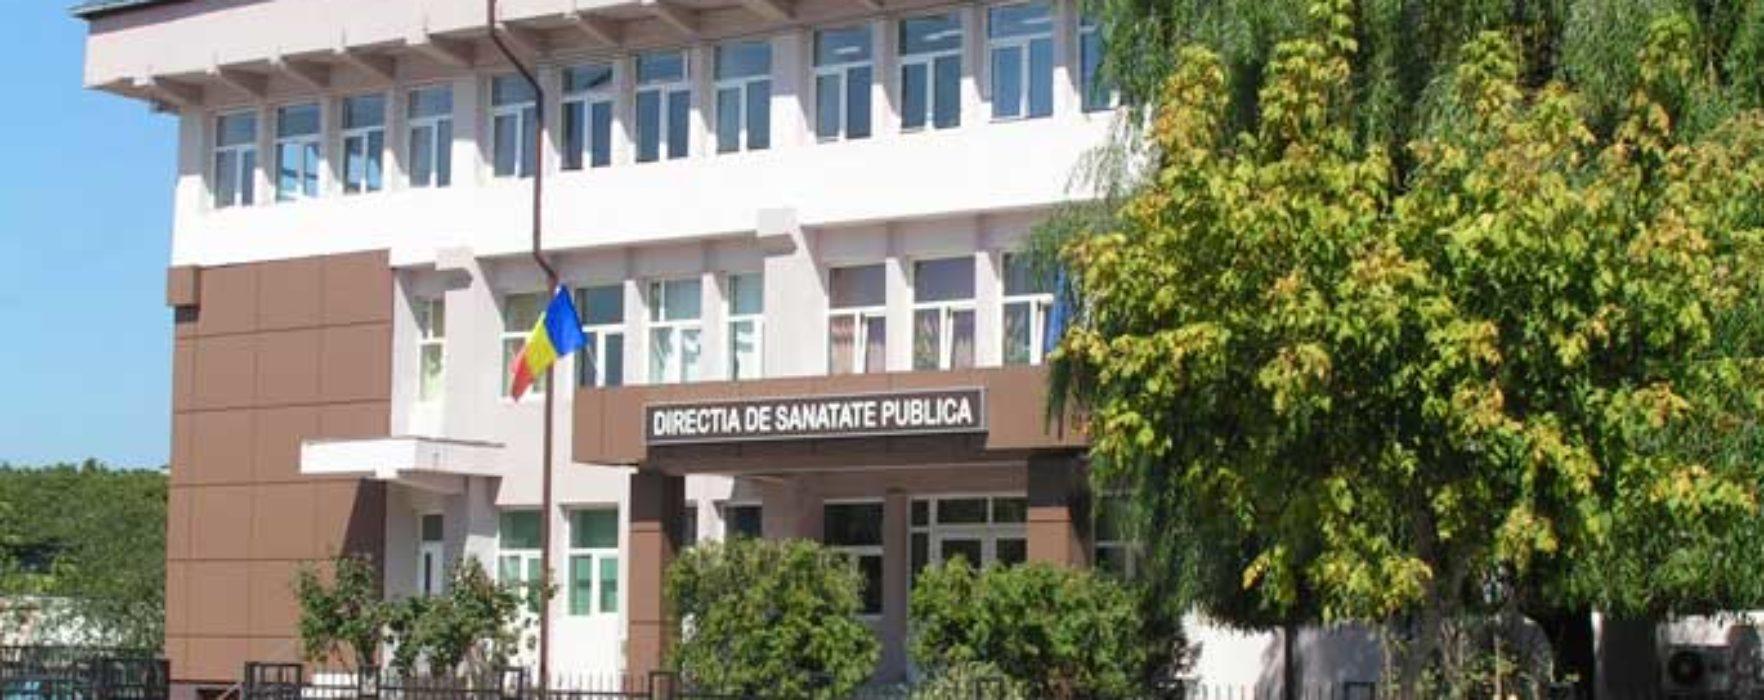 DSP Dâmboviţa: Focarul de îmbolnăvire din cauza consumului de apă neconformă de la Aninoasa s-a închis